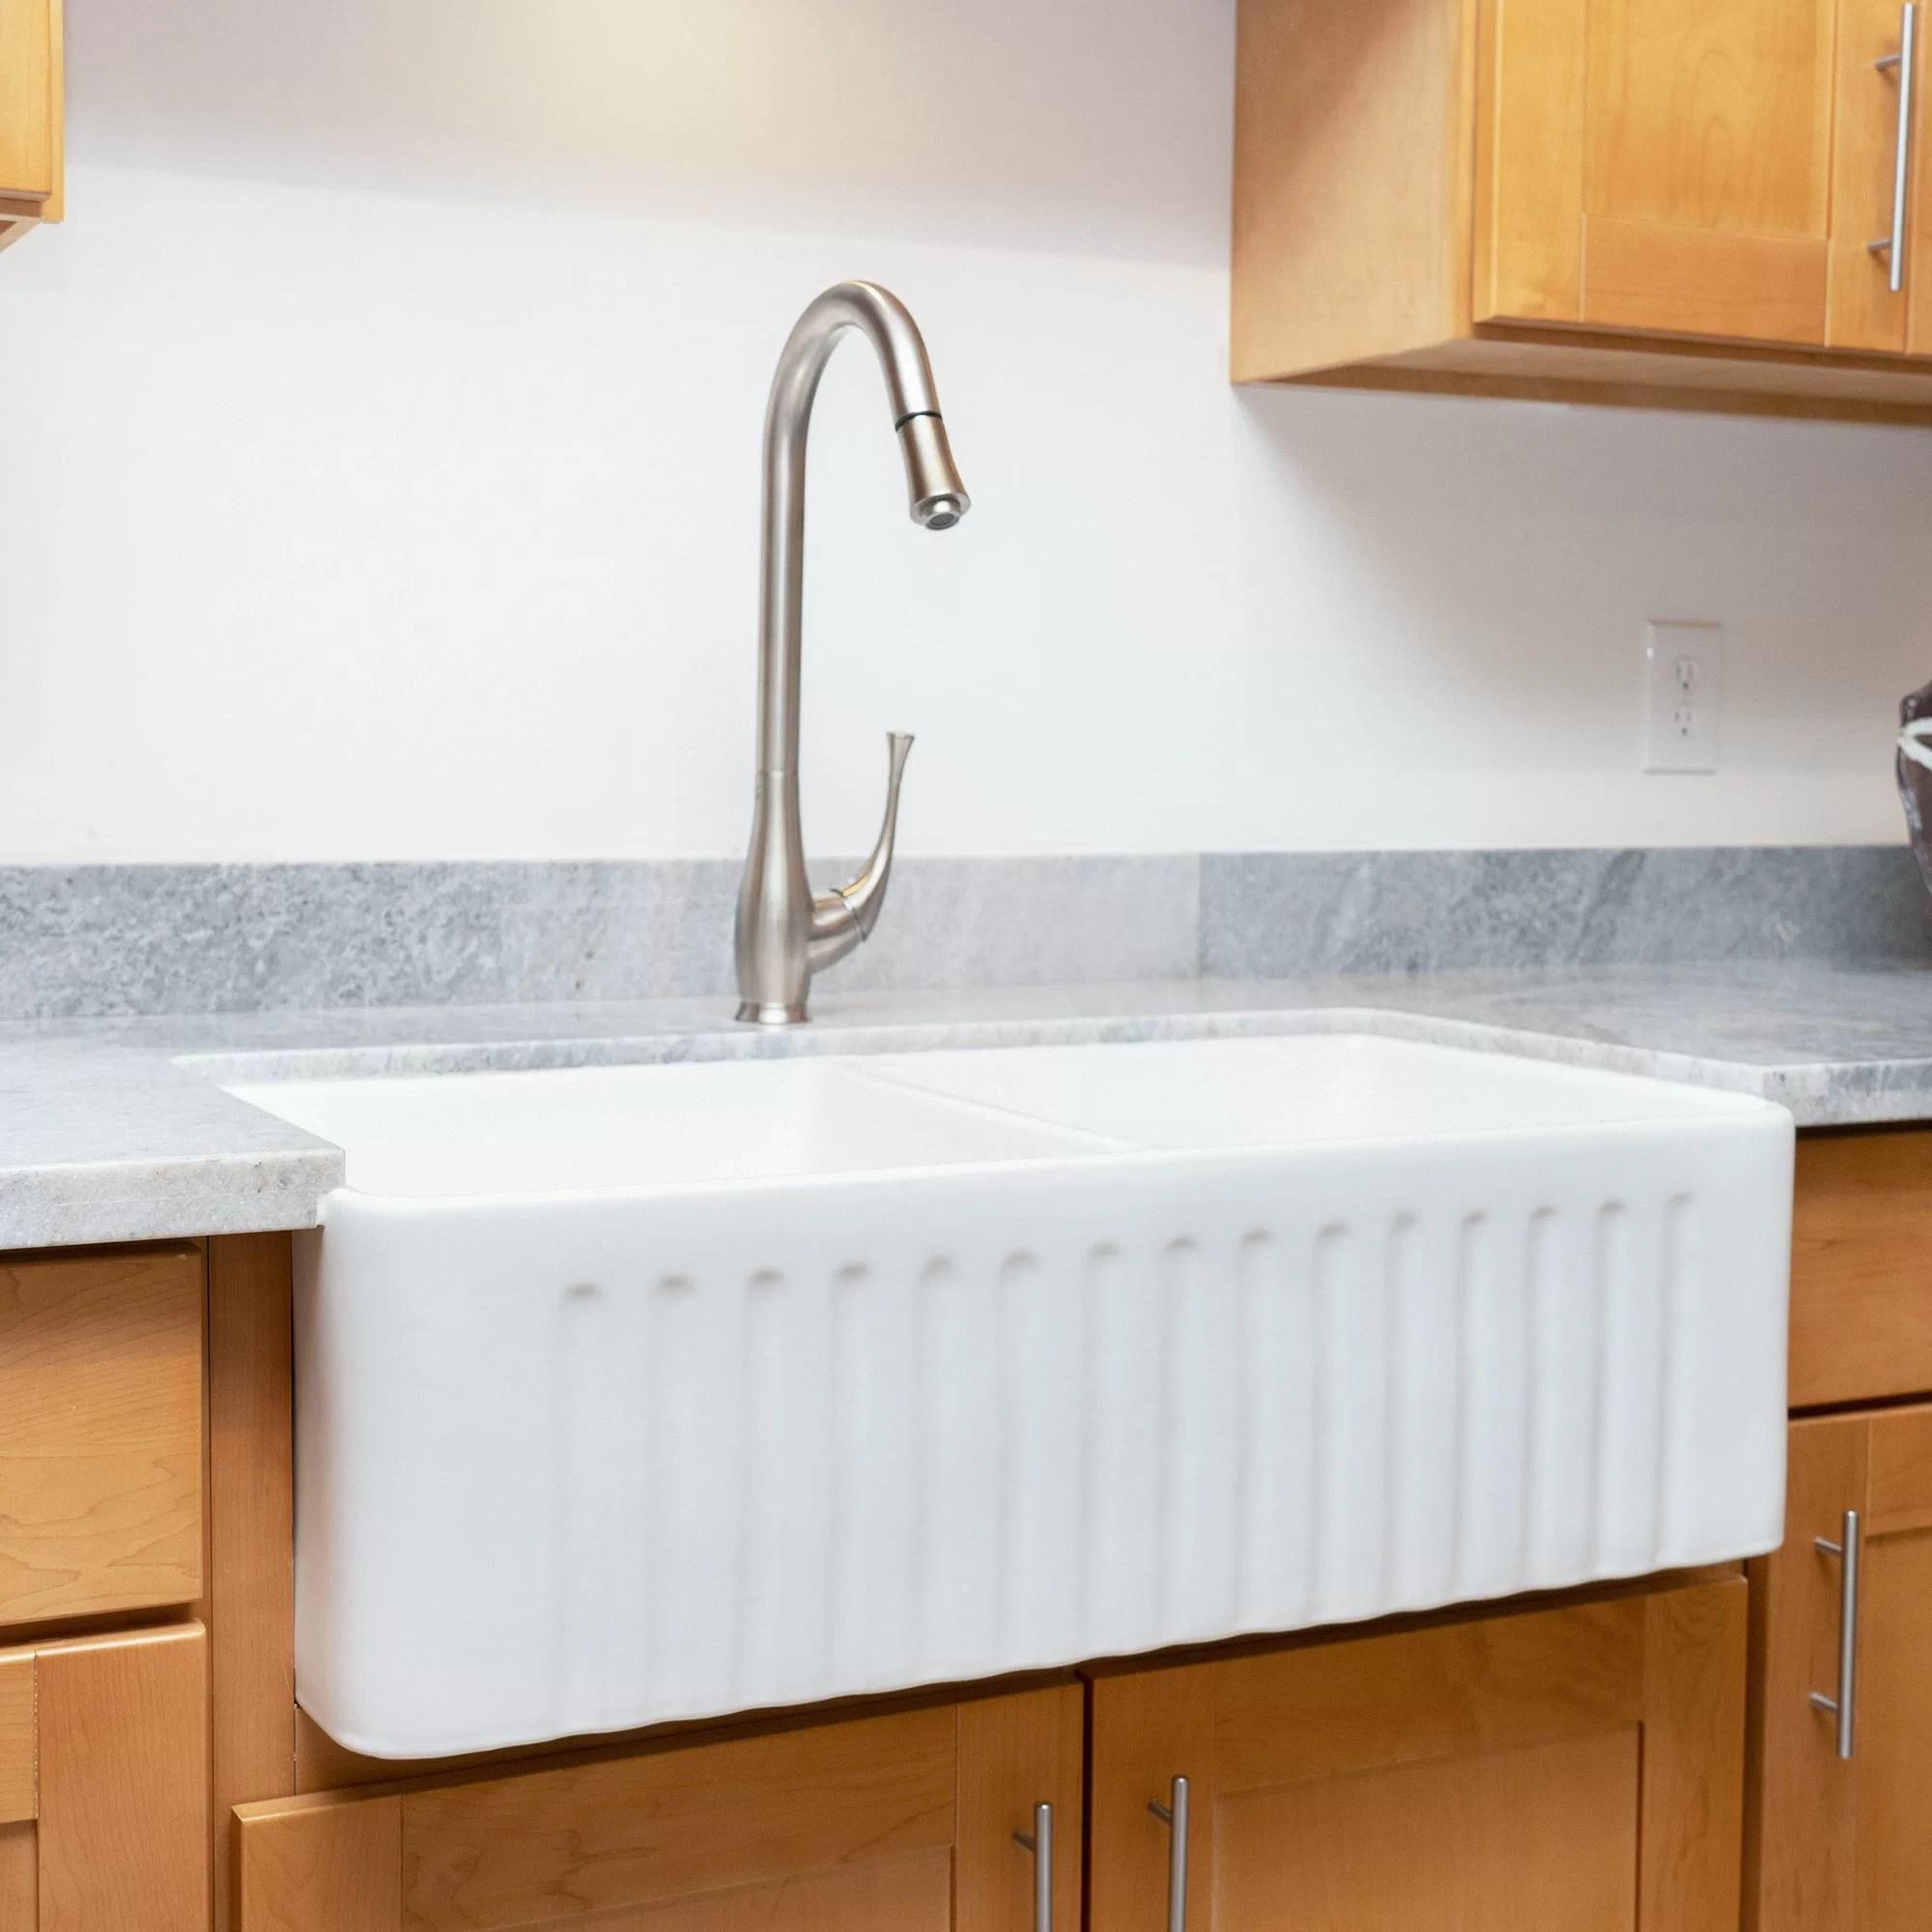 33 l x 18 w undermount double basin kitchen sink